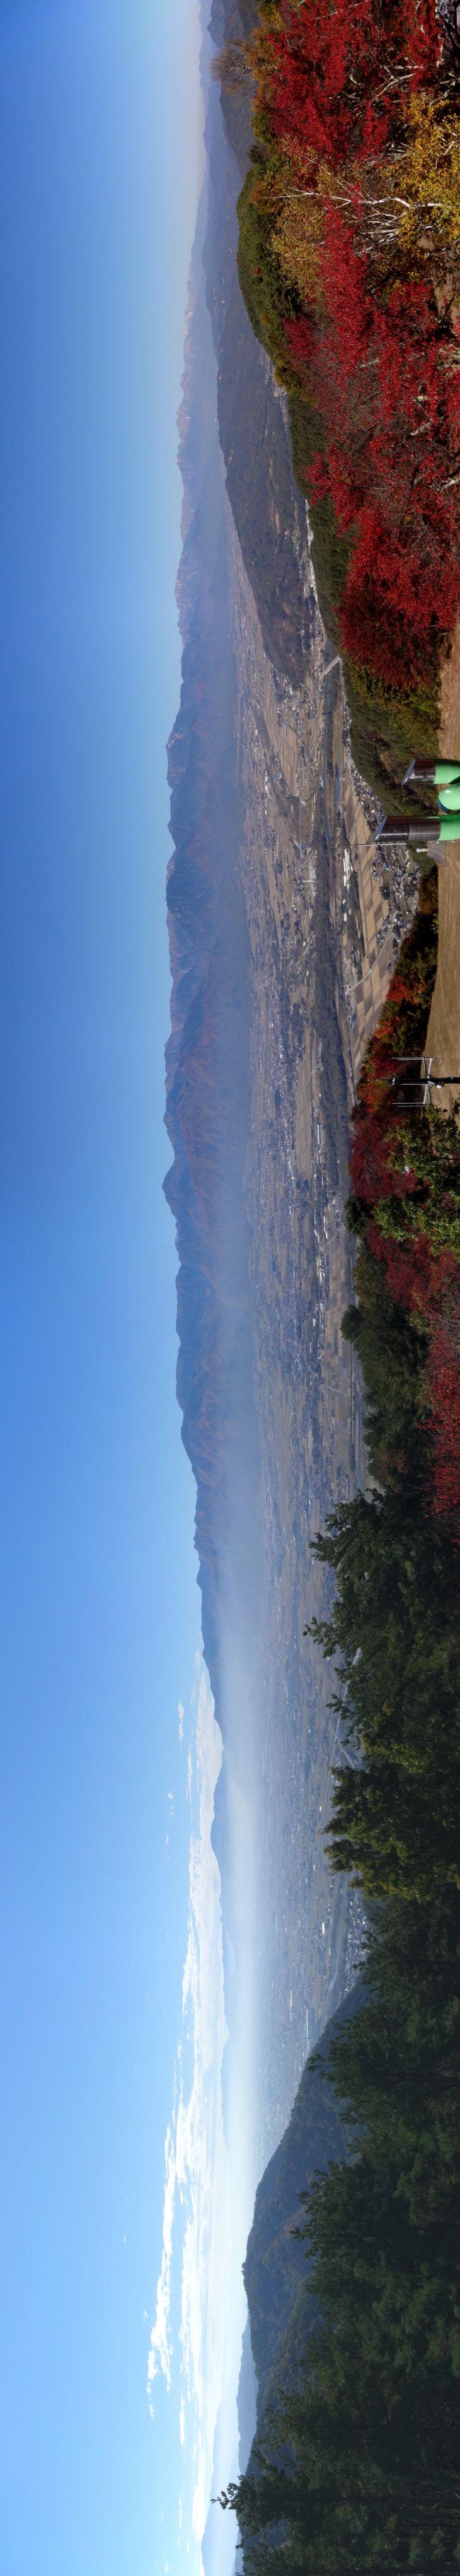 安曇野全景.jpg